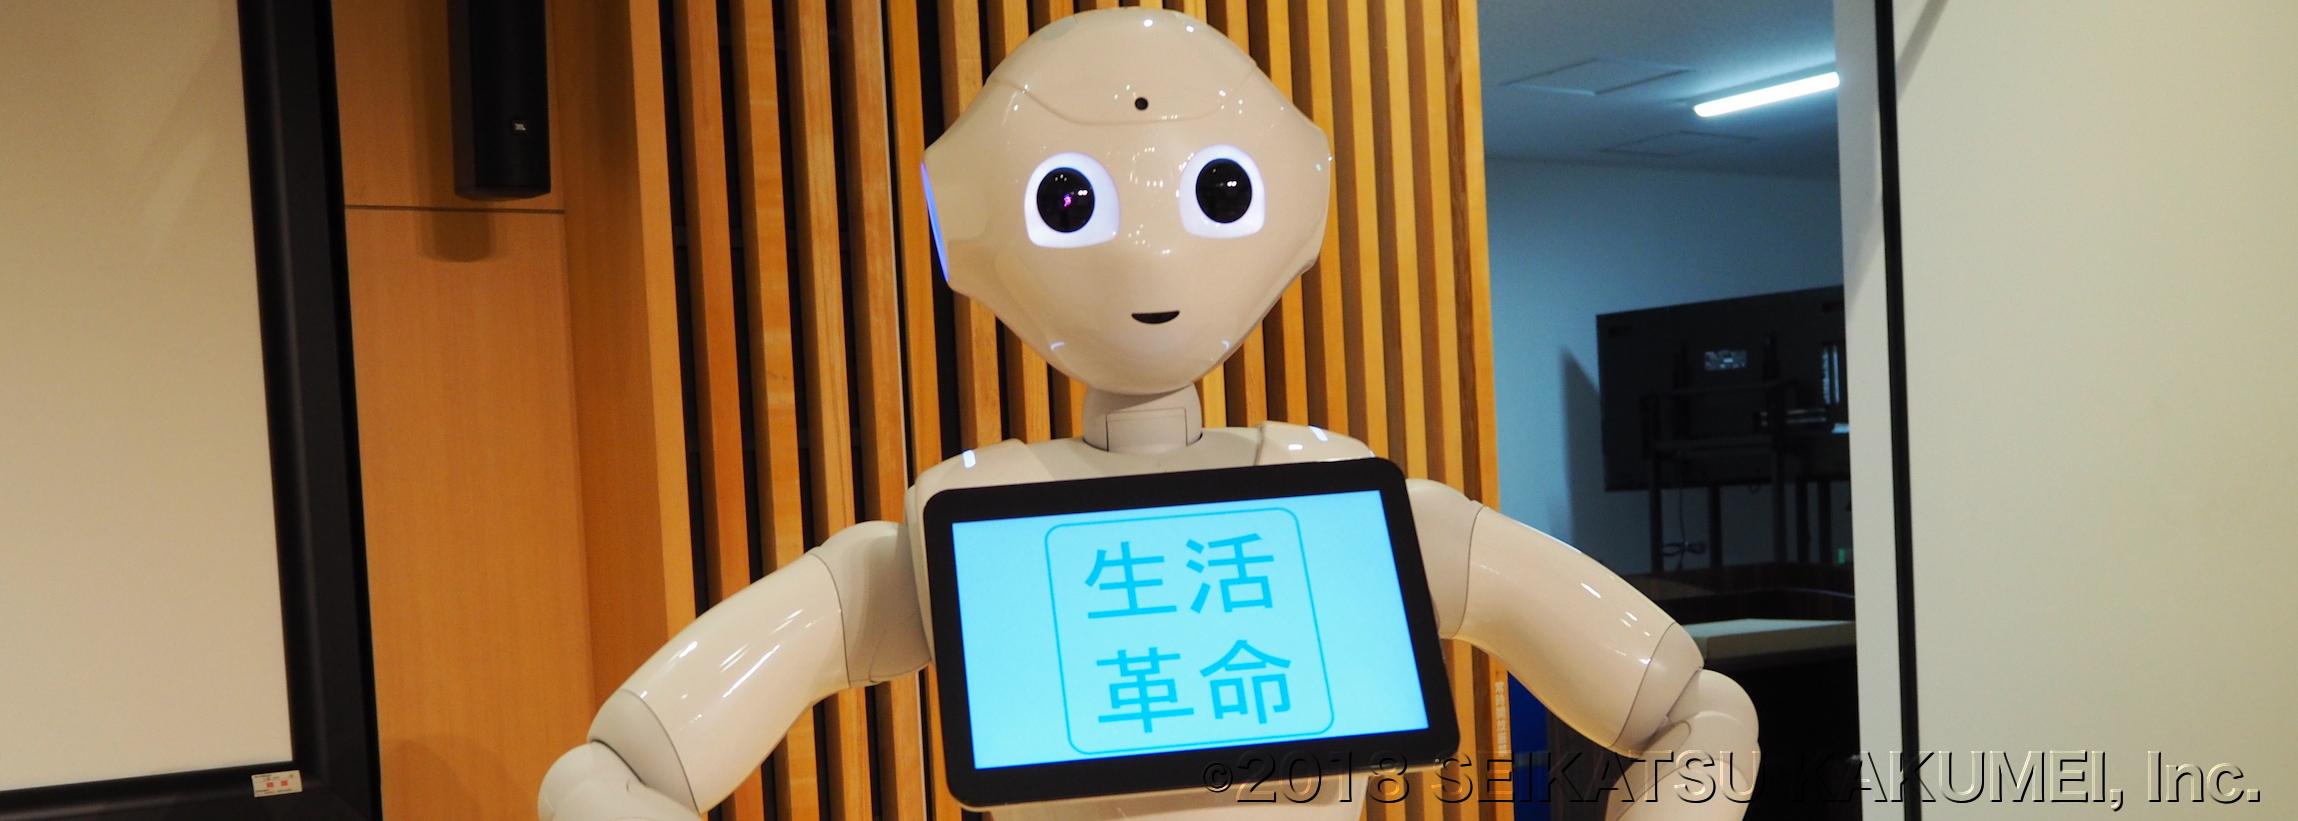 ロボット・Pepper(ペッパー君)のご紹介です。 今も変わらぬ人気を博しています。